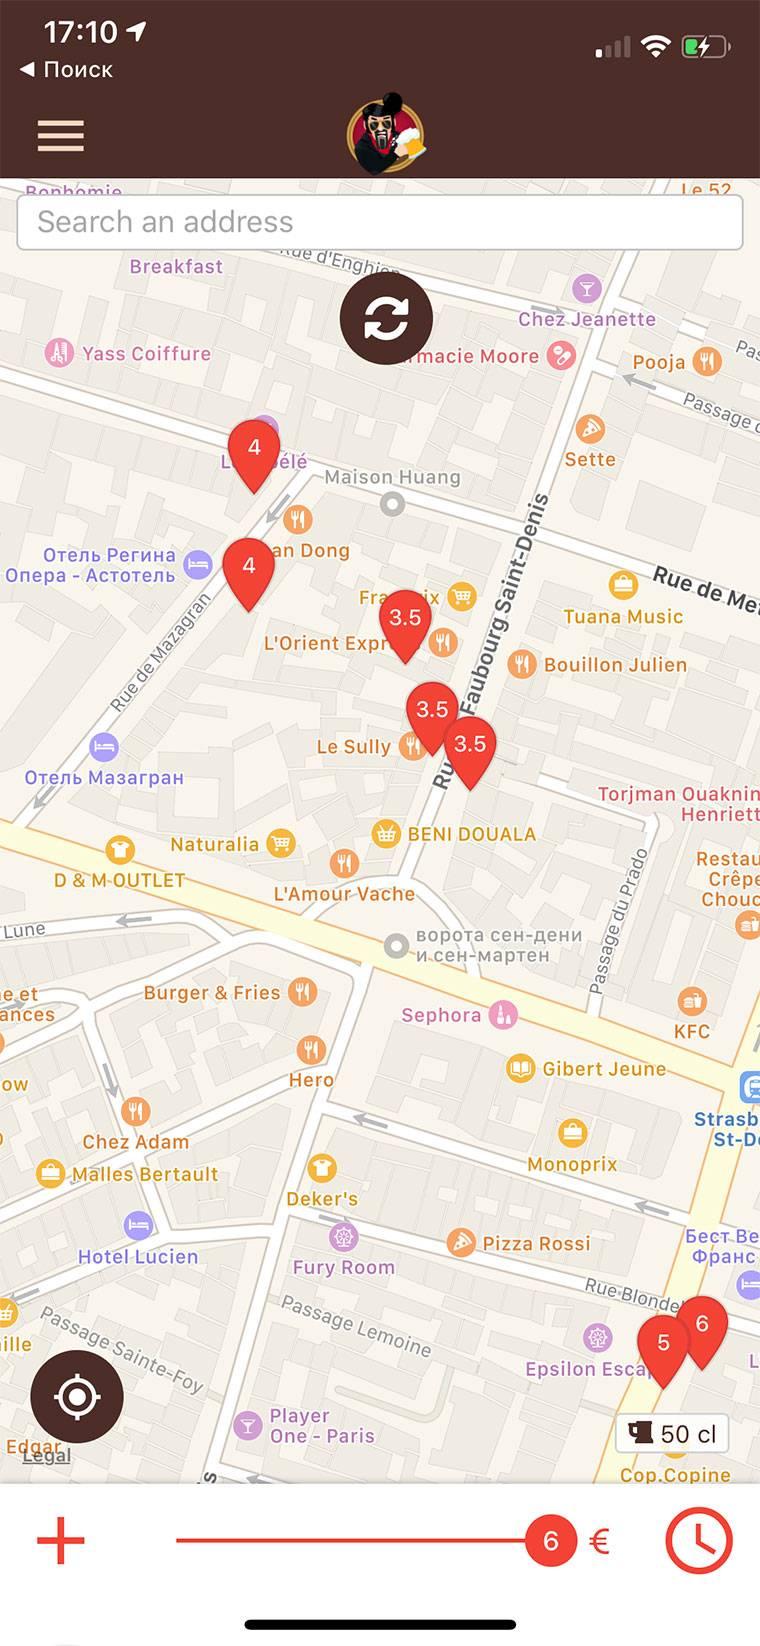 Бары со «счастливыми часами» удобно искать в мобильном приложении MisterGoodBeer: в нем посетители сами наносят на карту хорошие заведения